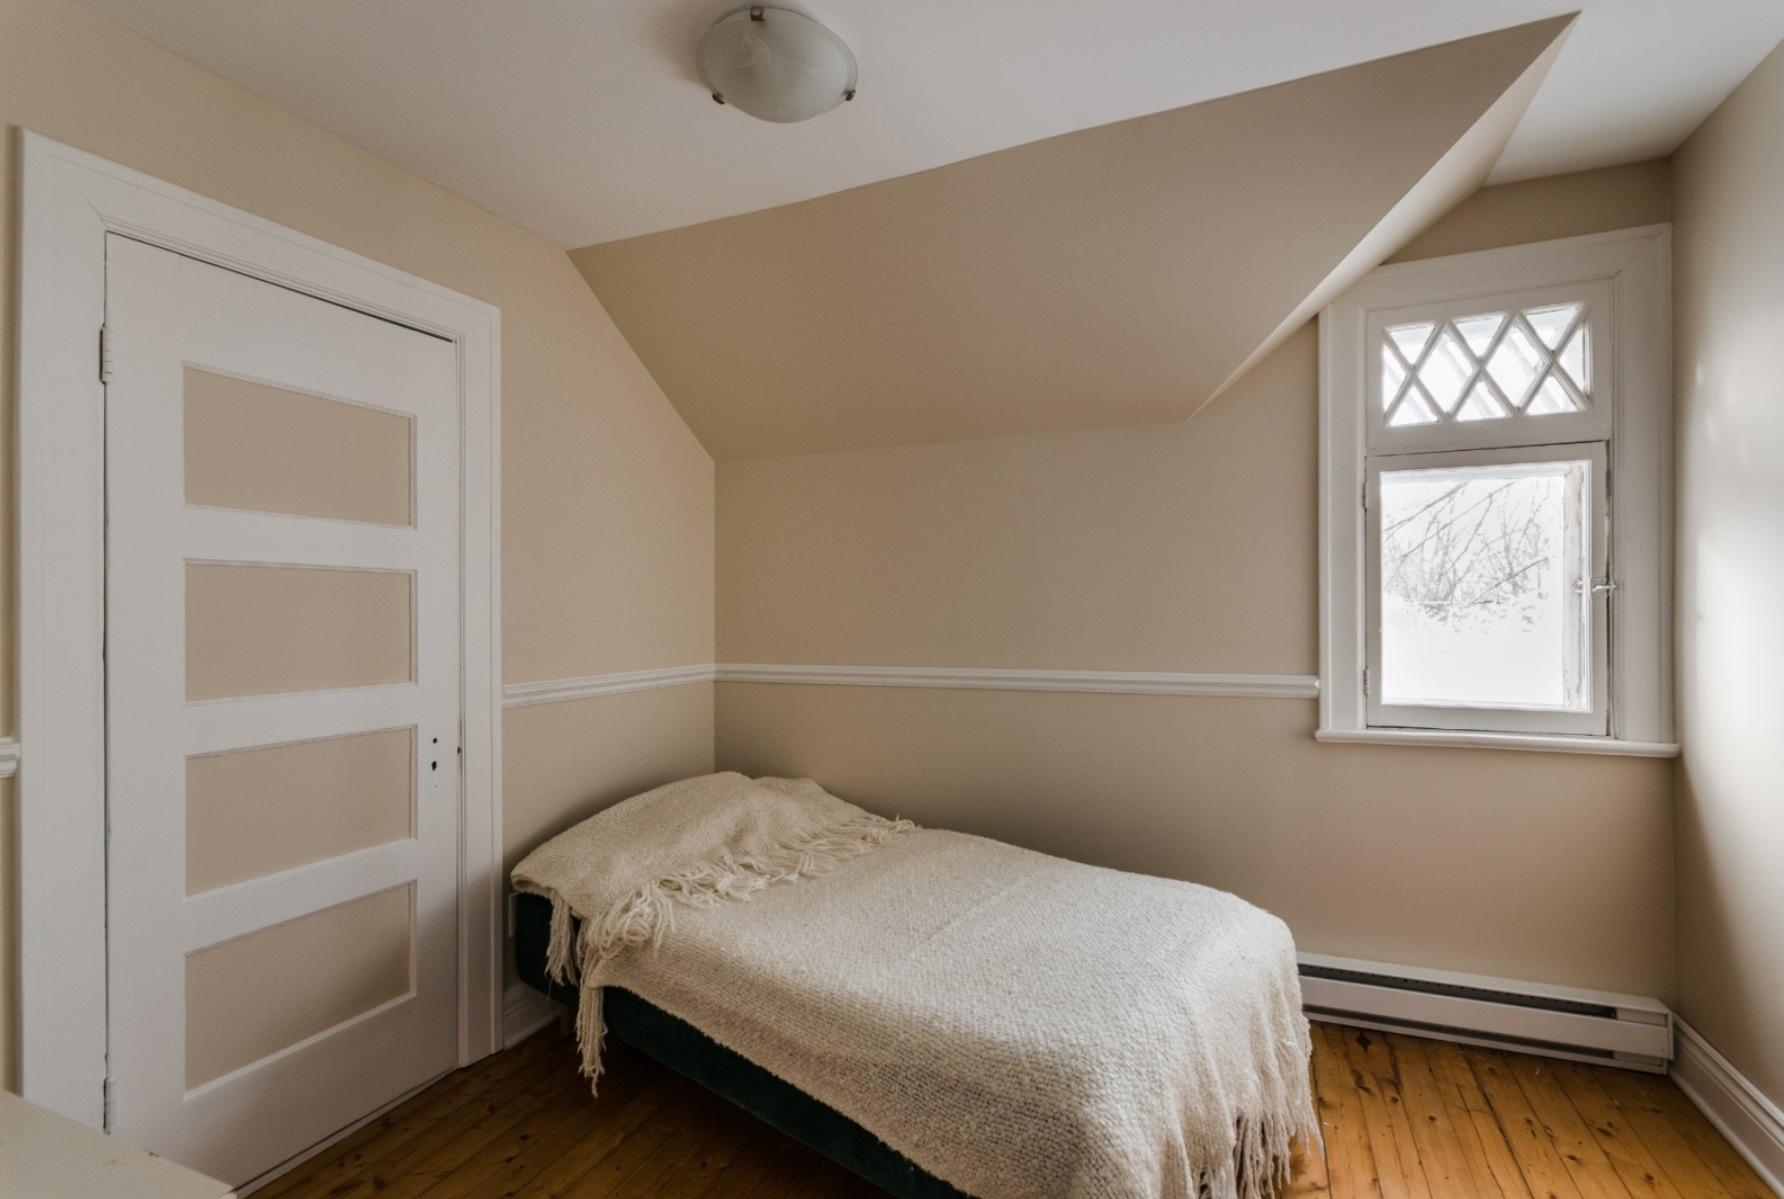 Maison-etages-boucherville-vieux-village-joli-Design-Quebec-10